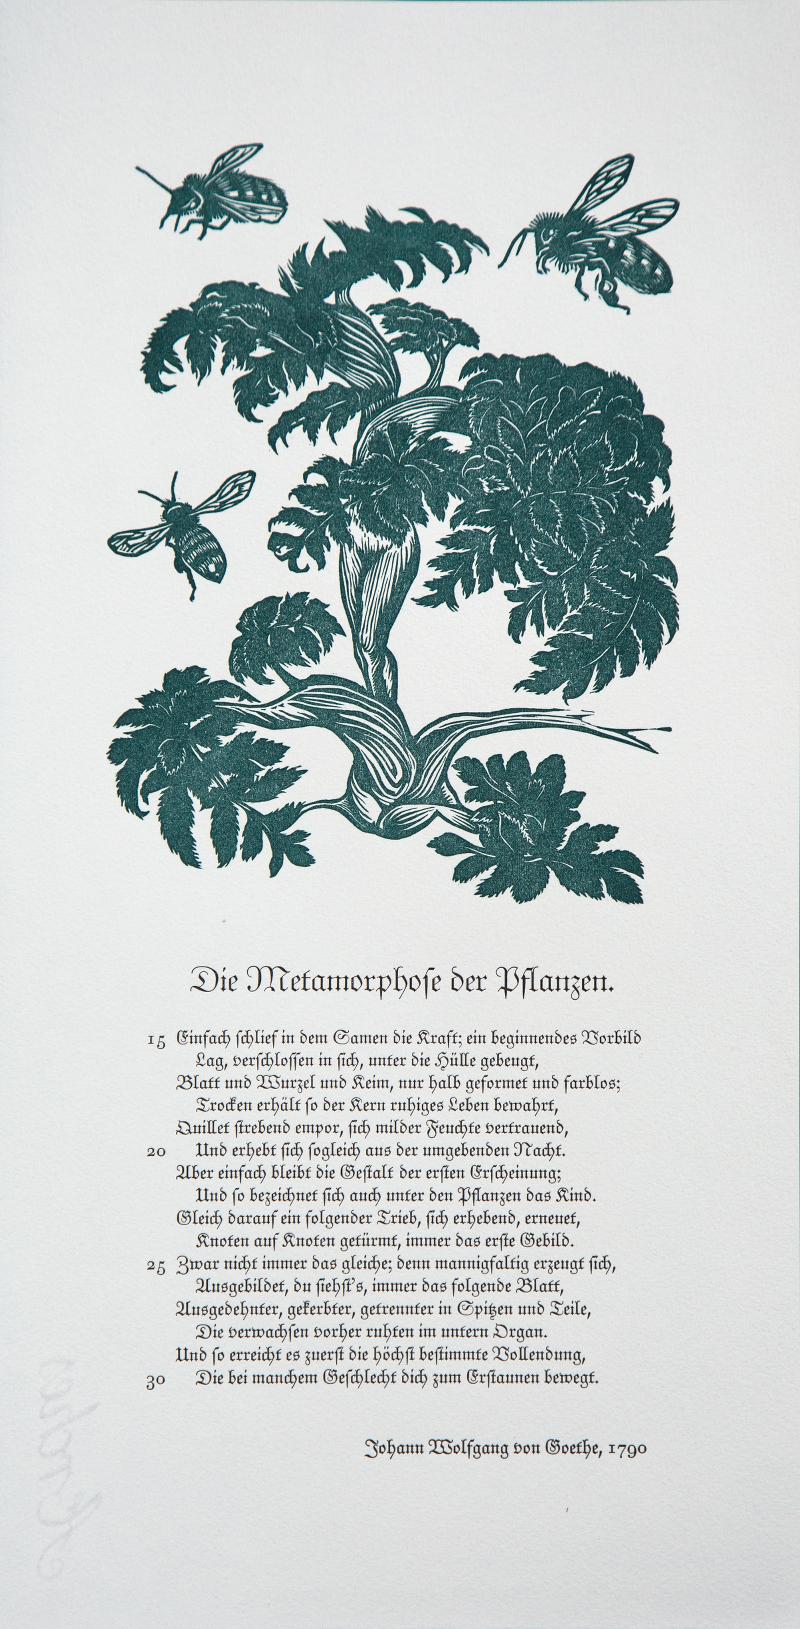 Goethe, Die Metamorphose der Pflanzen, 2015